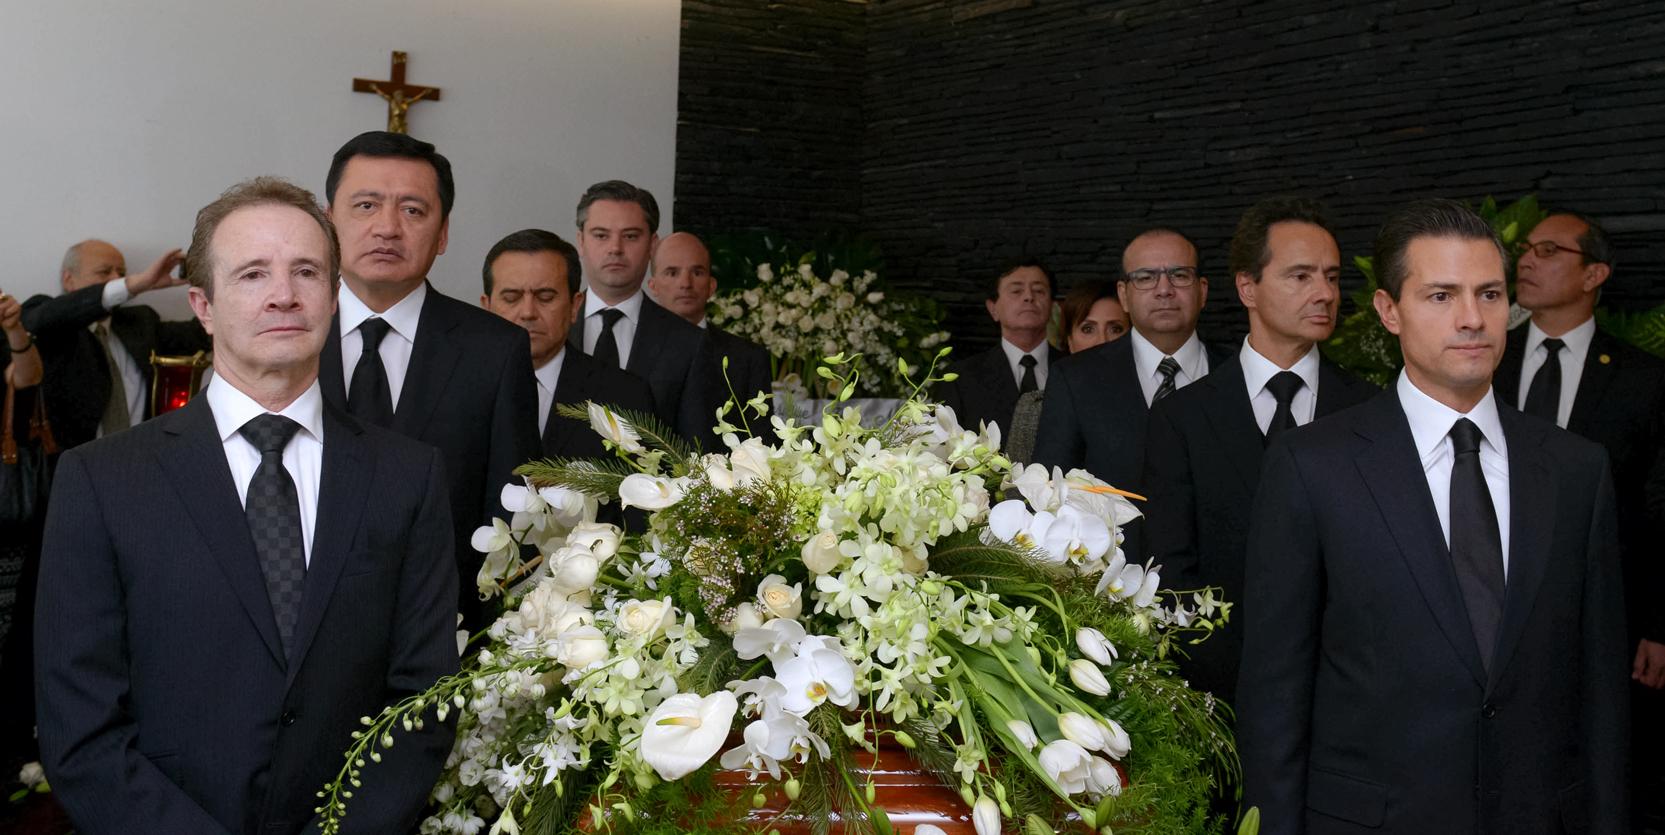 Excequias Joaquín Gamboa Pascoe